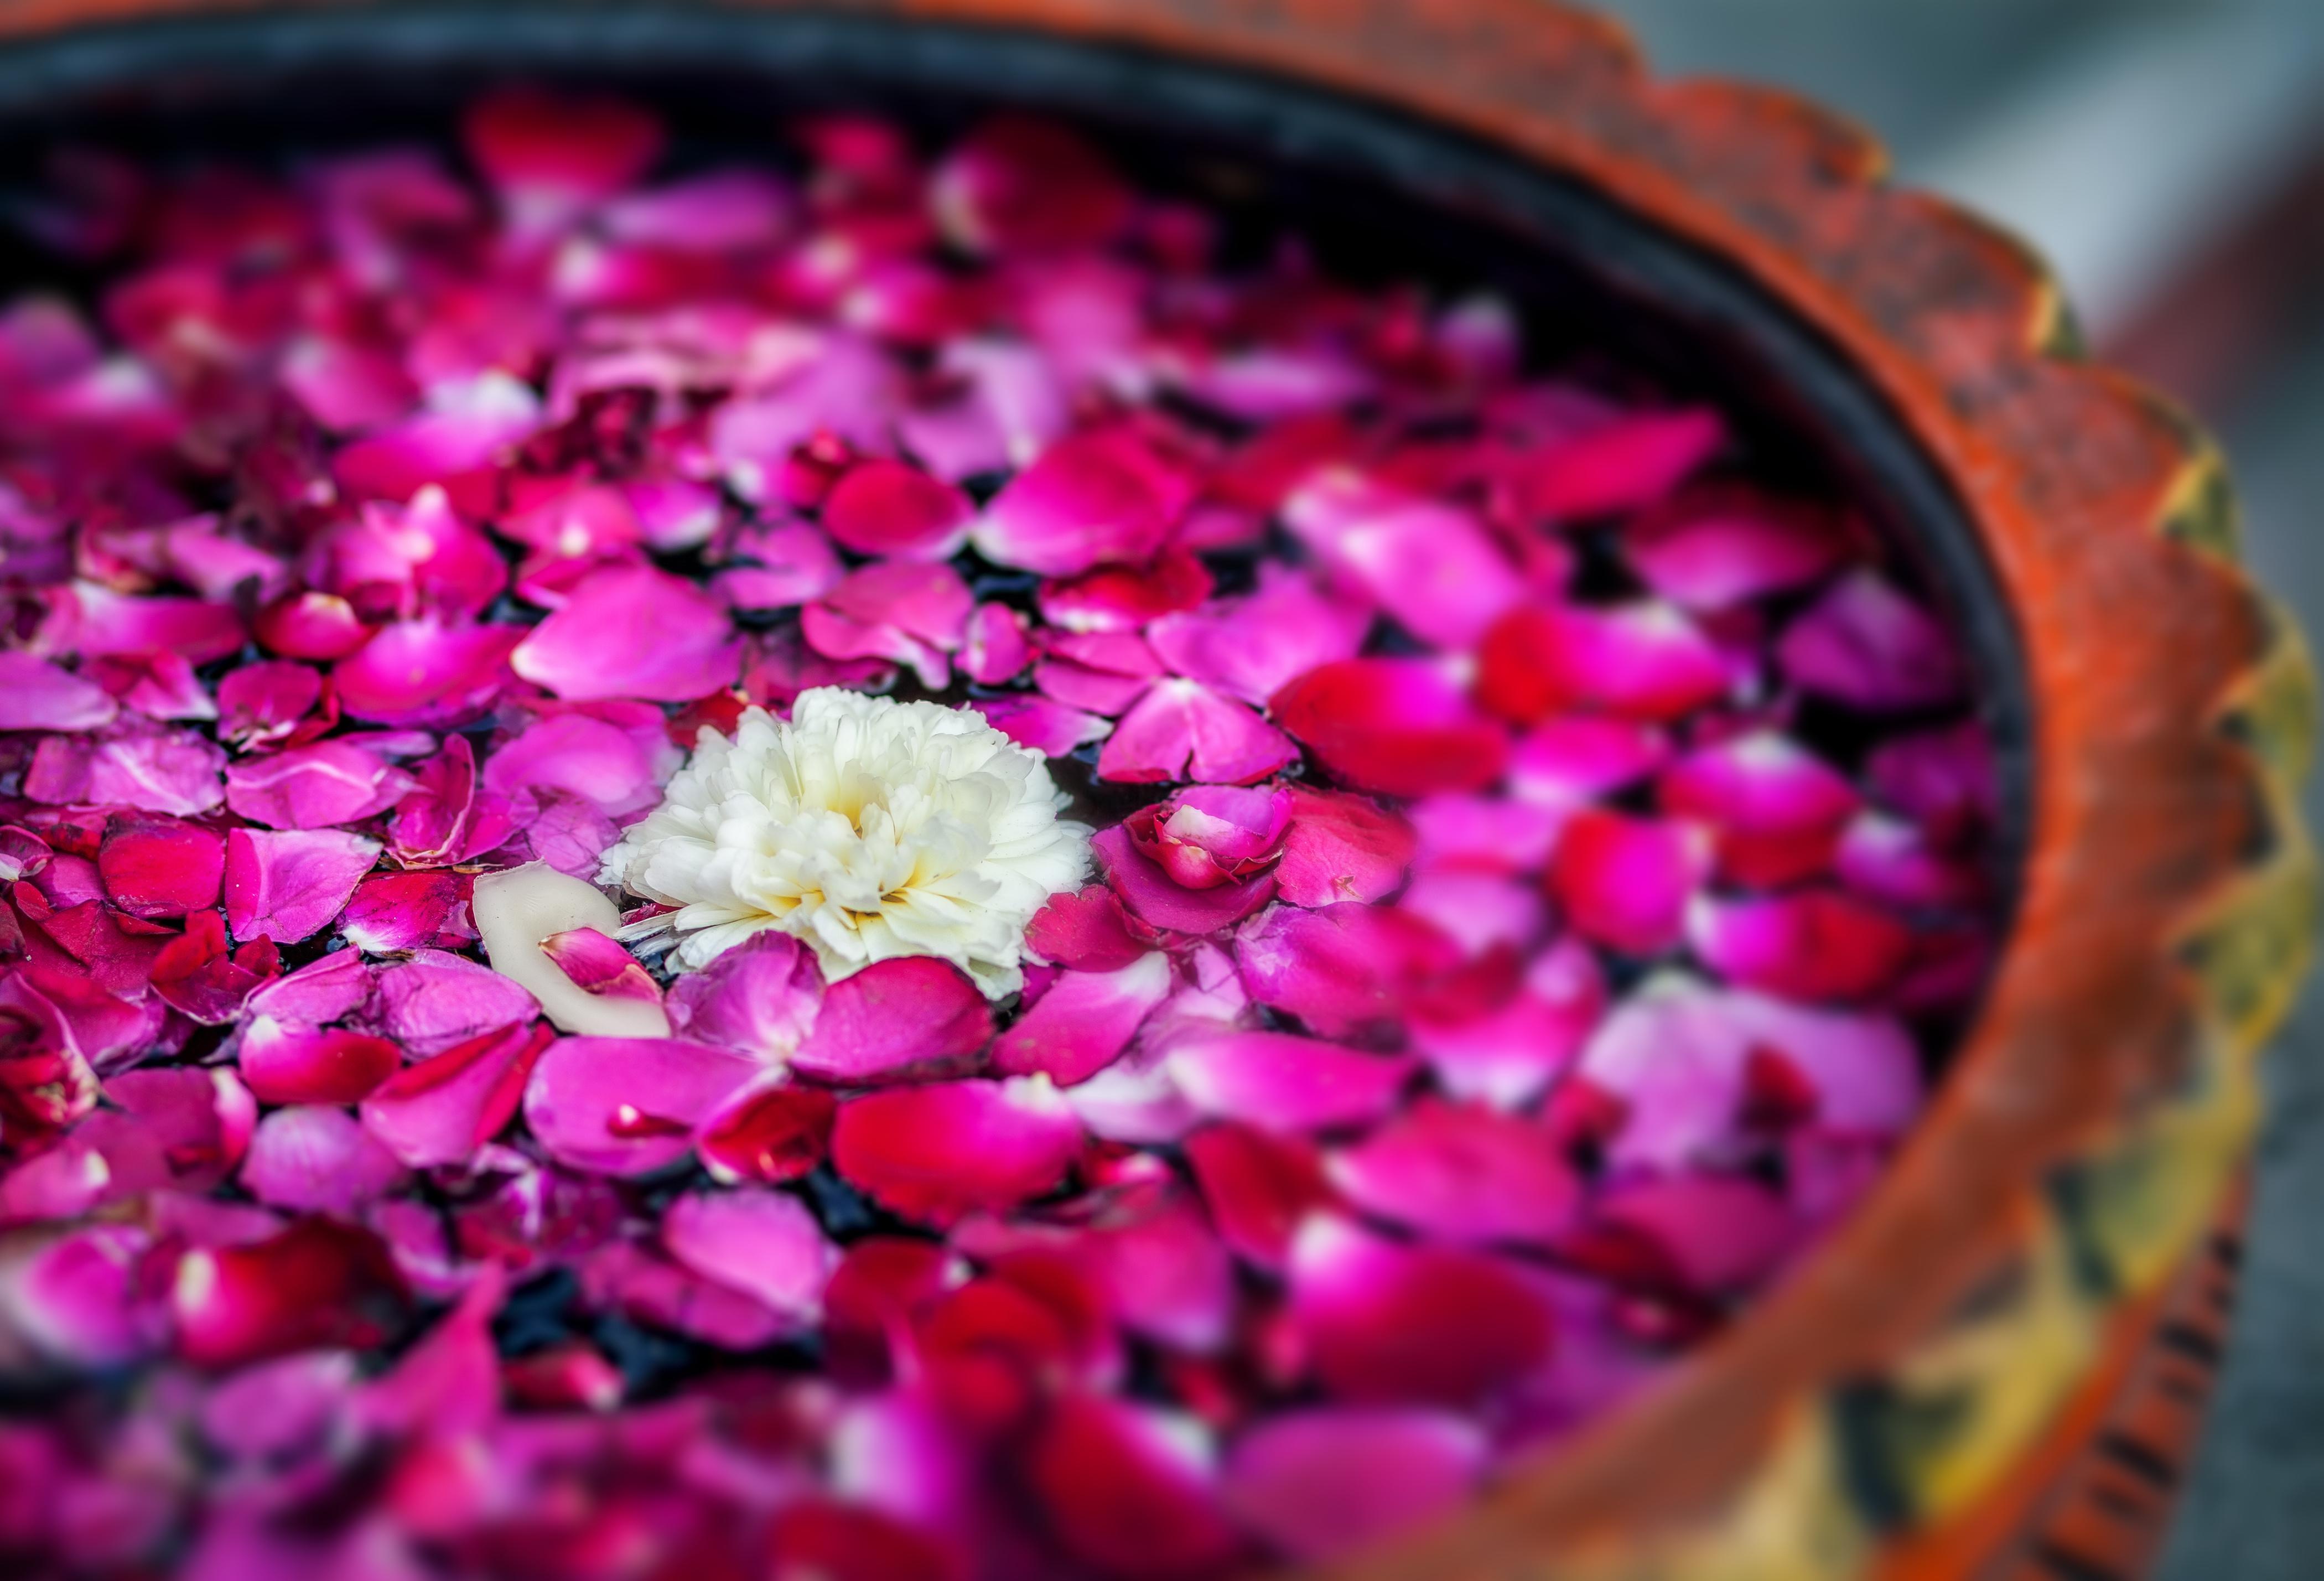 Blütenbletter in Wasser (Schale) pink/weiß/rot